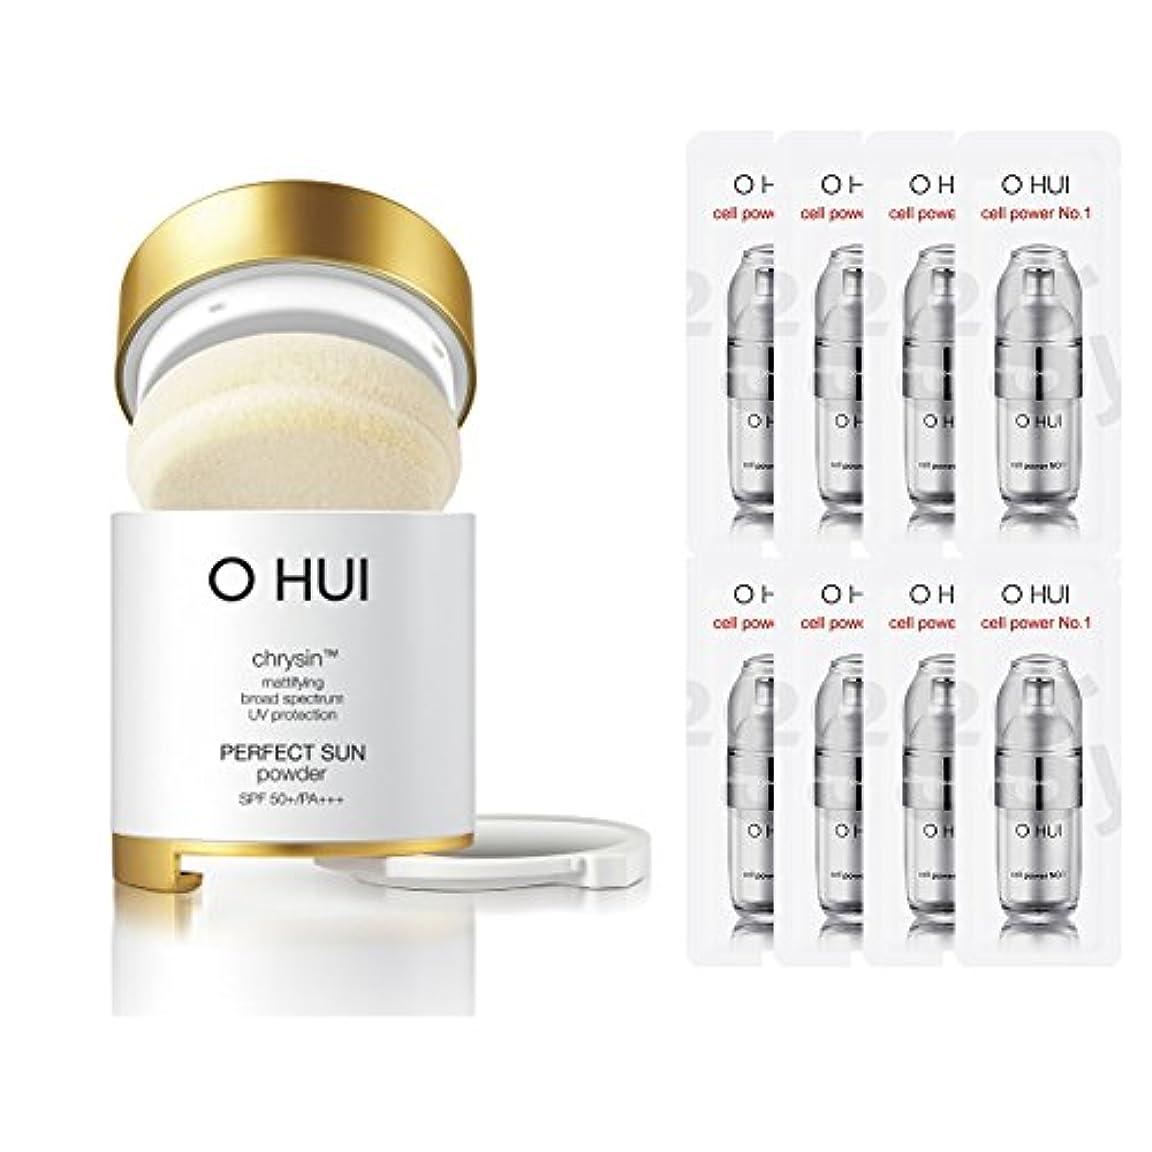 複雑な味ささやきOHUI/オフィ2015年 パーフェクトサンパウダー (OHUI Version Perfect Sun Powder SPF50++PA+++ Special Gift set) スポット [海外直送品] (2号ベージュ)